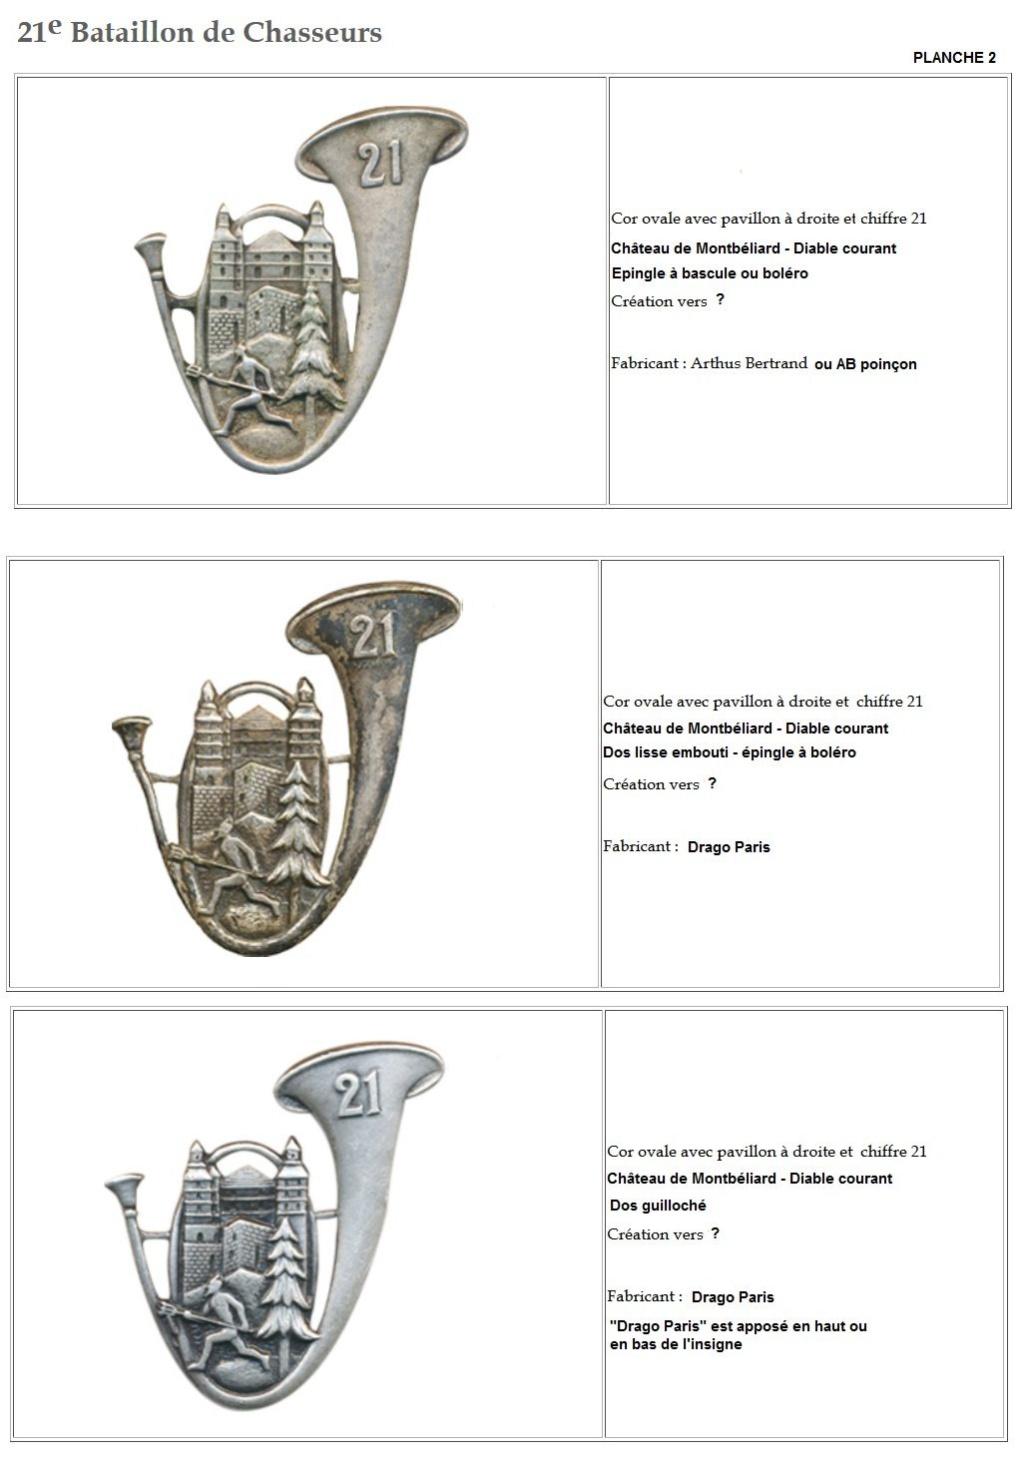 Les insignes de bataillons- Mise à jour... - Page 2 21e_pl11